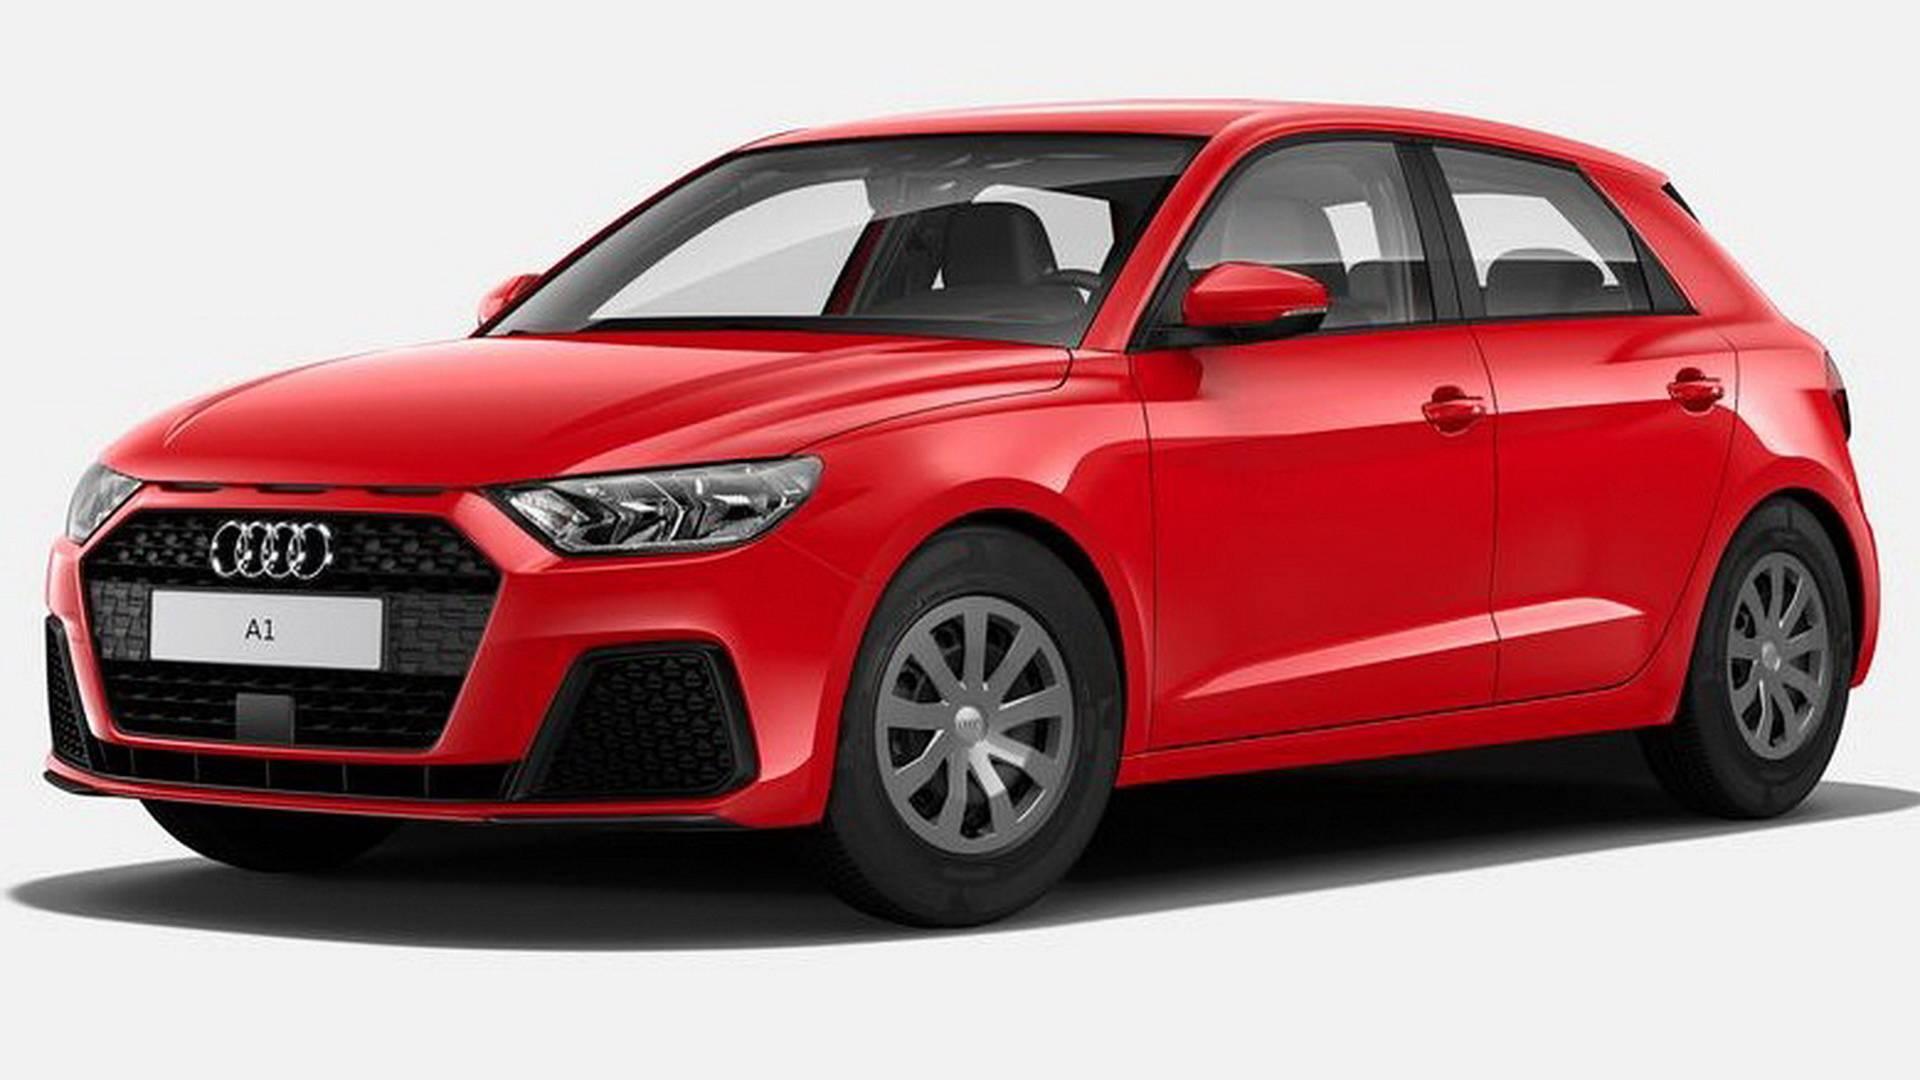 Photo of Audi A1'in baz versiyonunu merak ediyor musunuz?